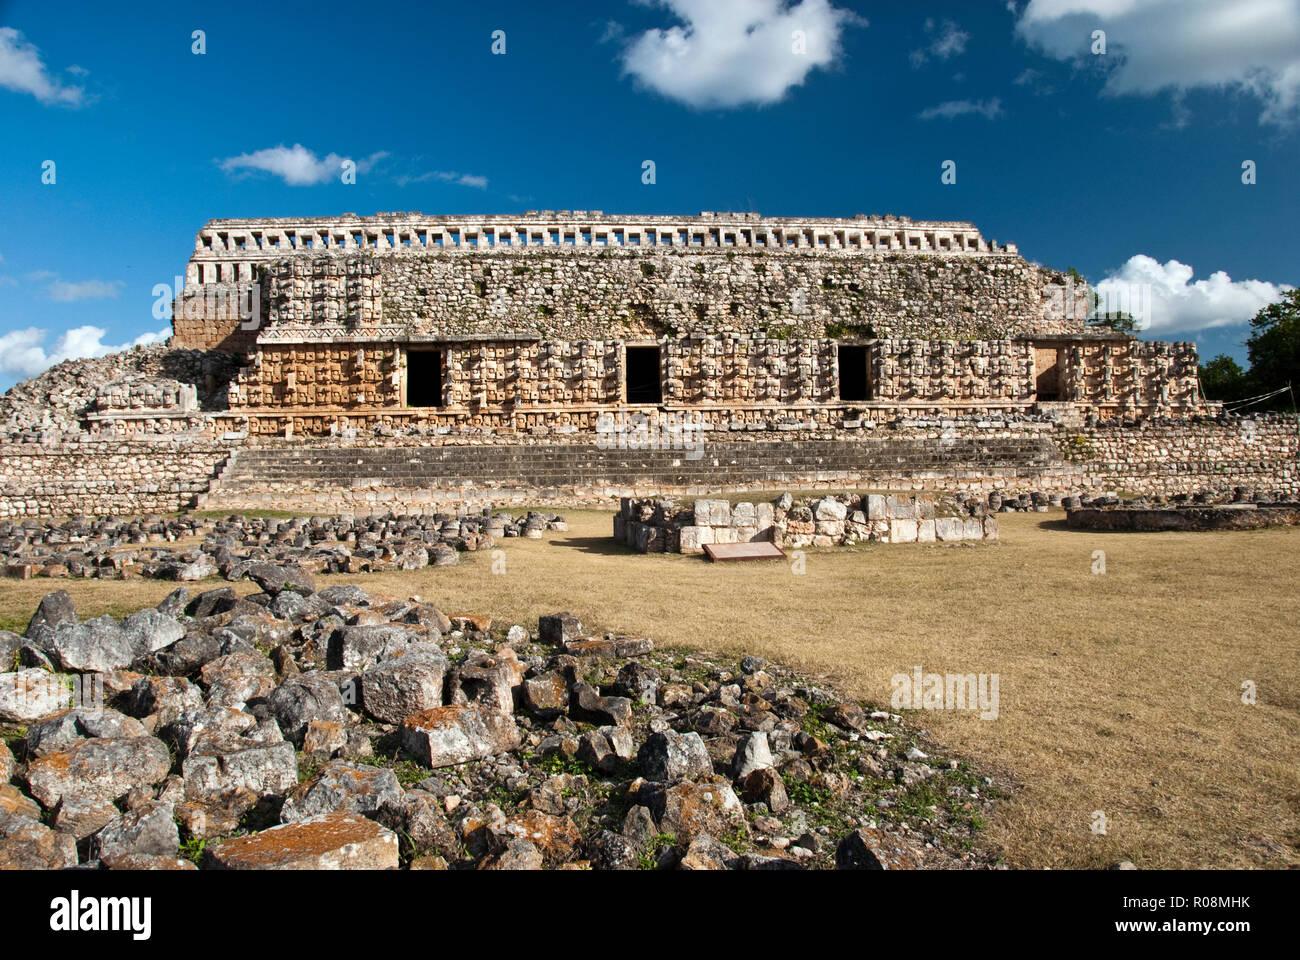 The Palace of Masks at the ancient Mayan site at Kabah, Yucatan, Mexico. - Stock Image